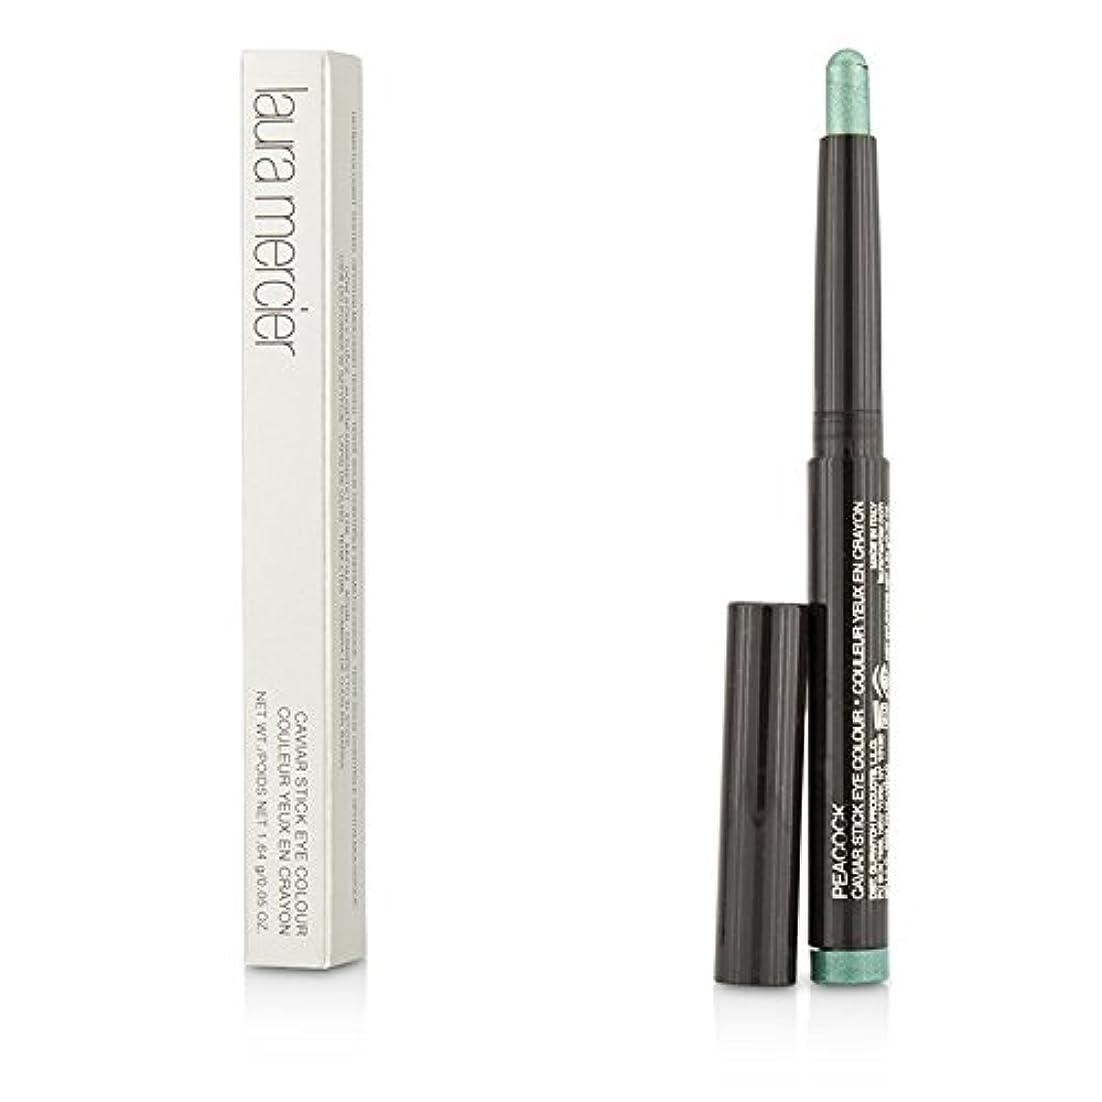 勝つ医療過誤キャロラインローラメルシエ Caviar Stick Eye Color - # Peacock 1.64g/0.05oz並行輸入品